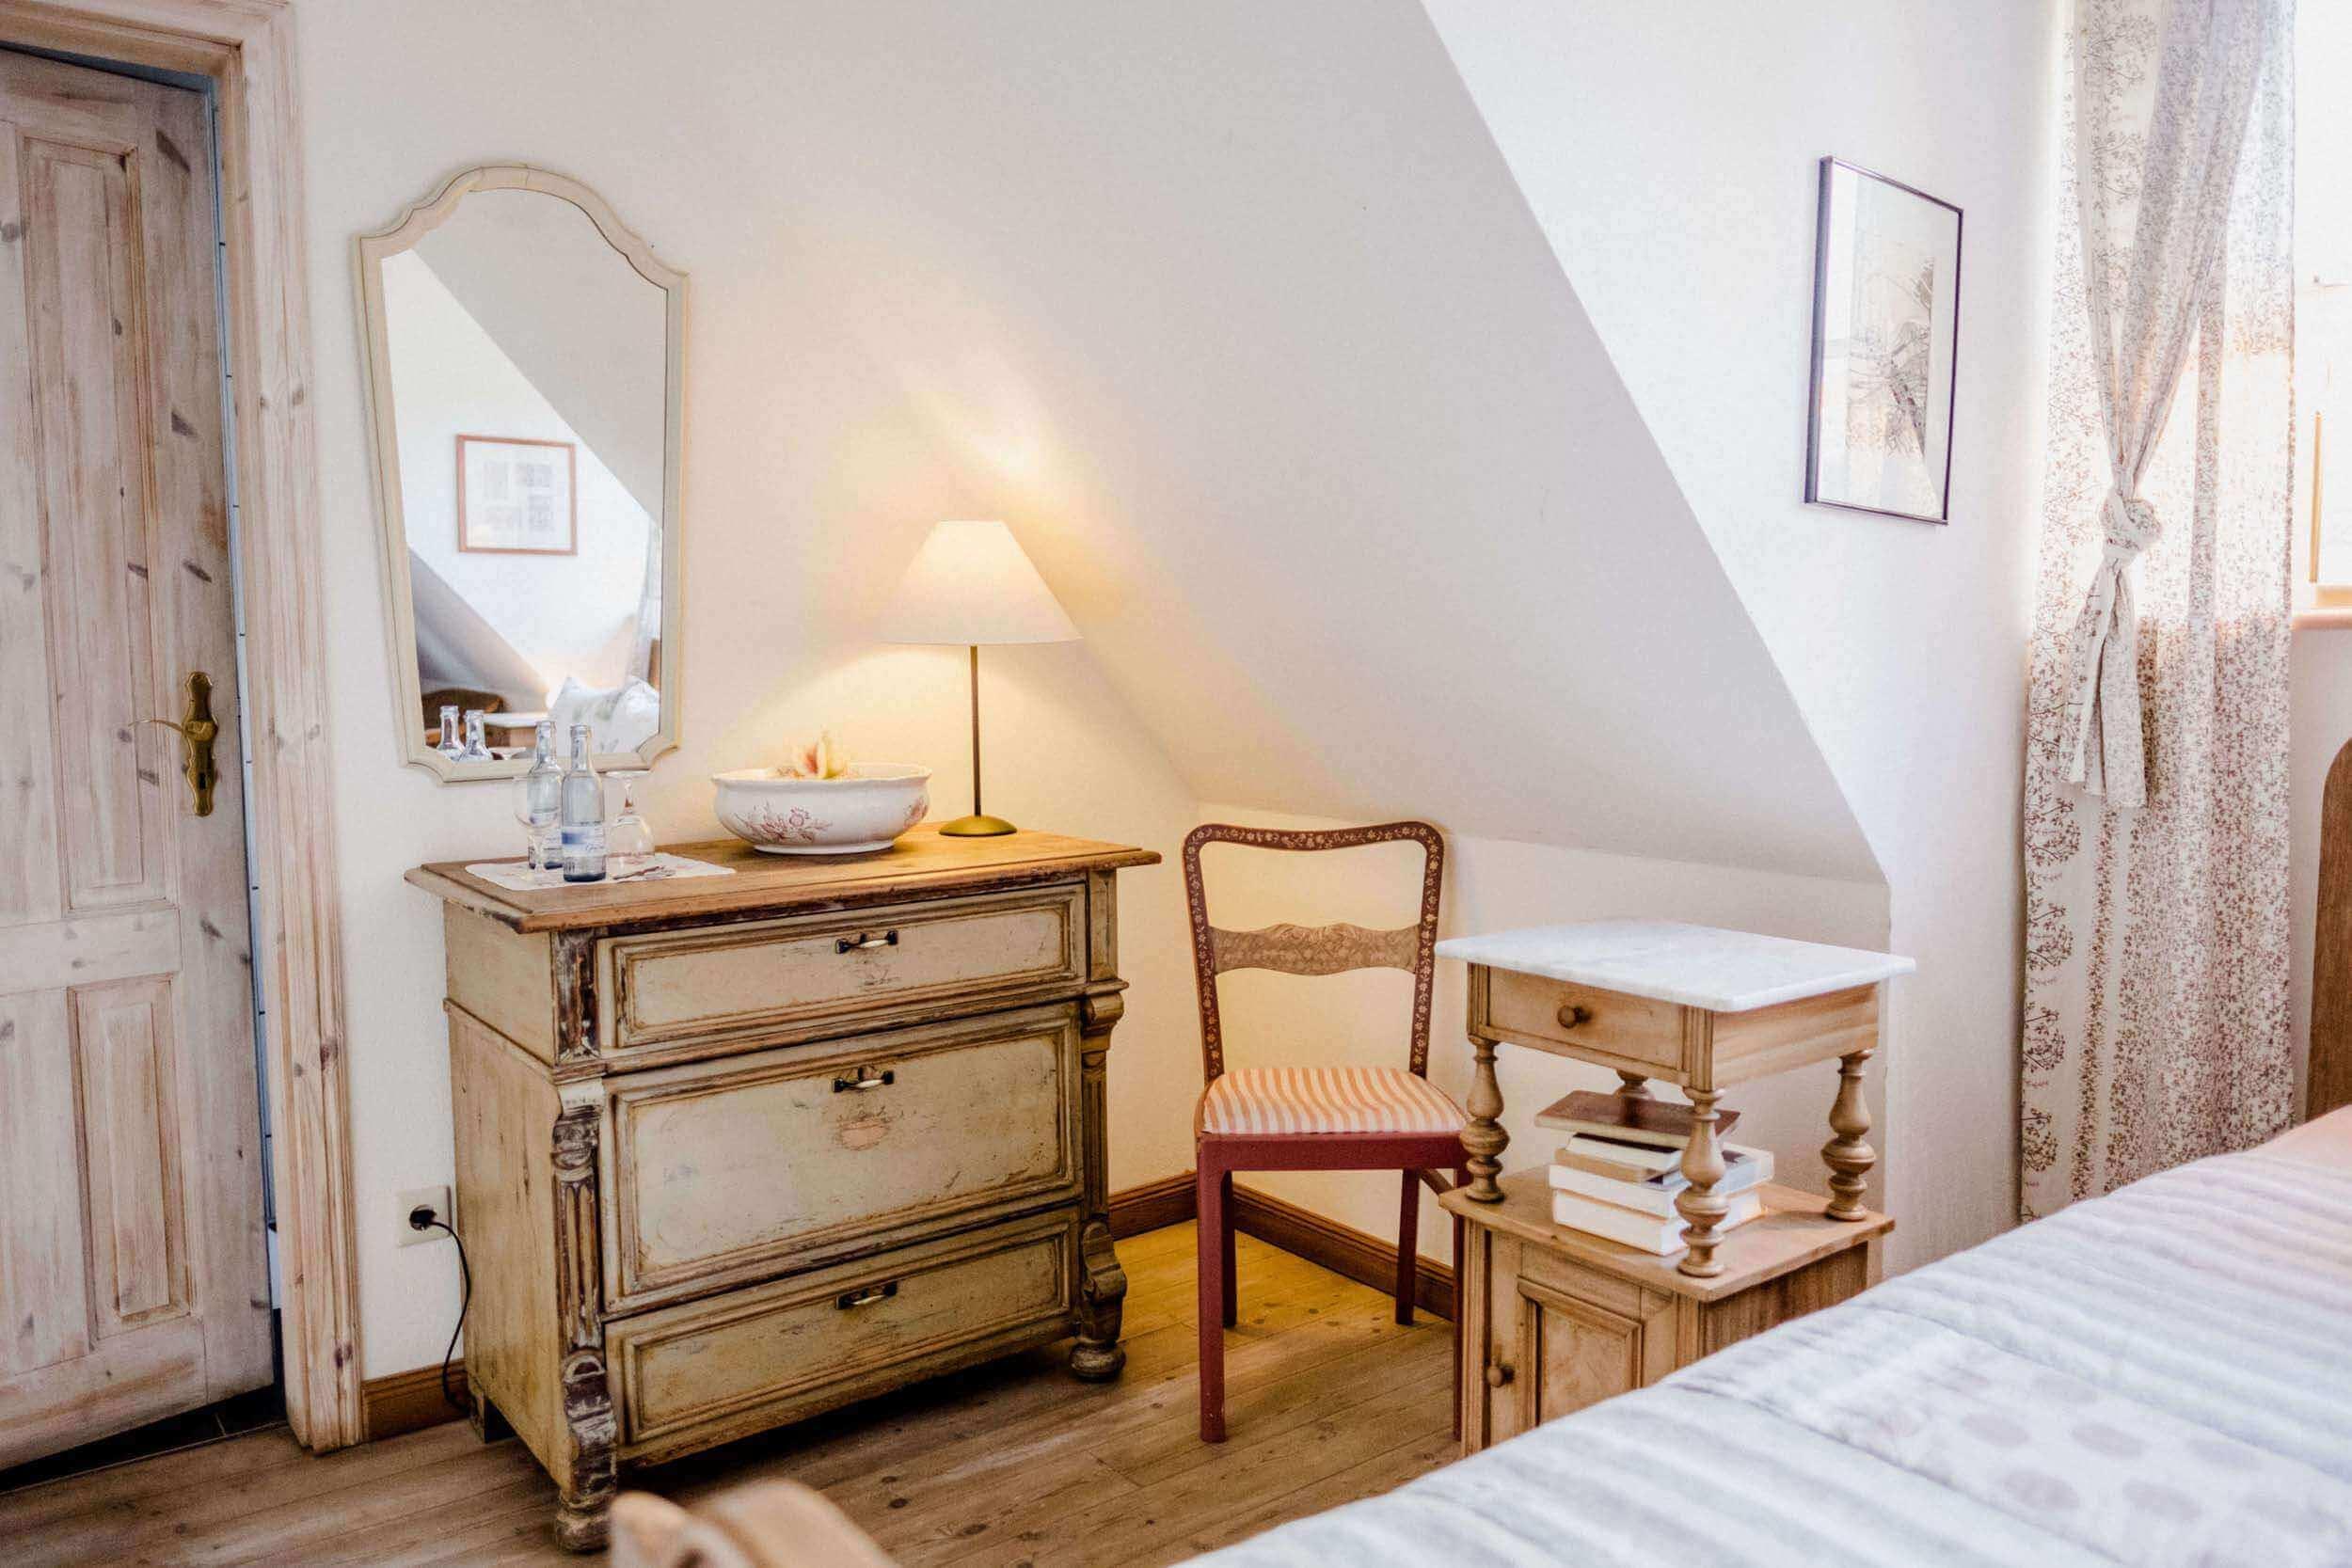 Zimmer Jasmin - Urlaub im Gutshaus Ehmkendorf in Mecklenburg Vorpommern